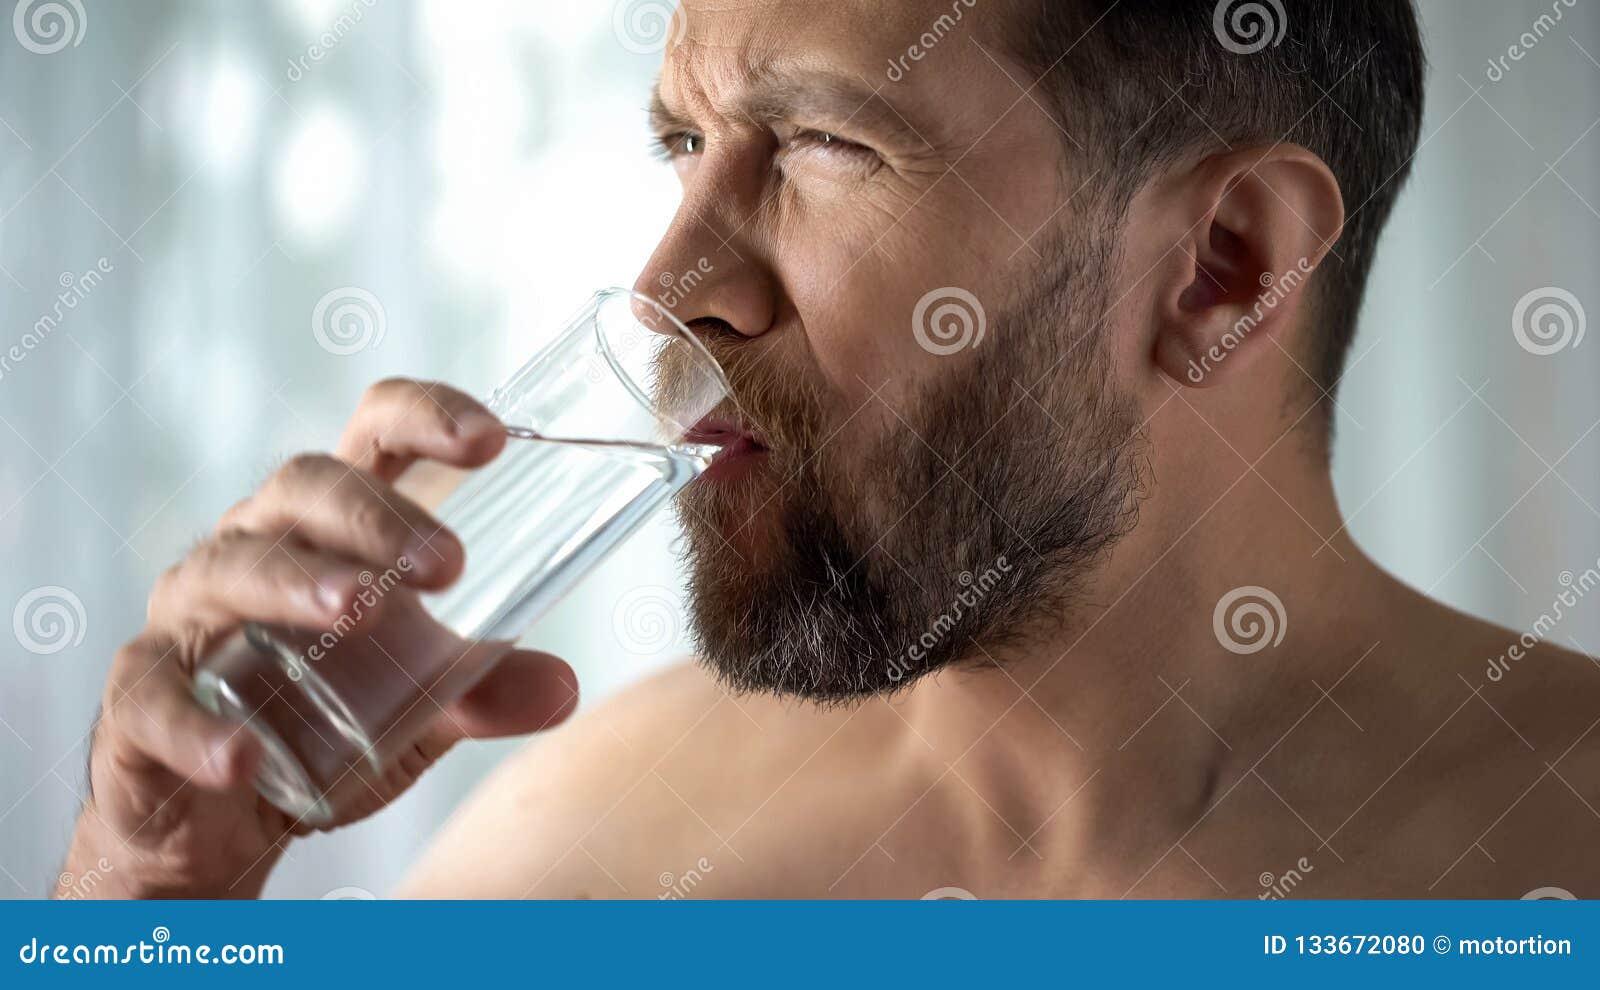 Dente de enxaguadela masculino com água, hipersensibilidade, dor dental afiada, gengivite